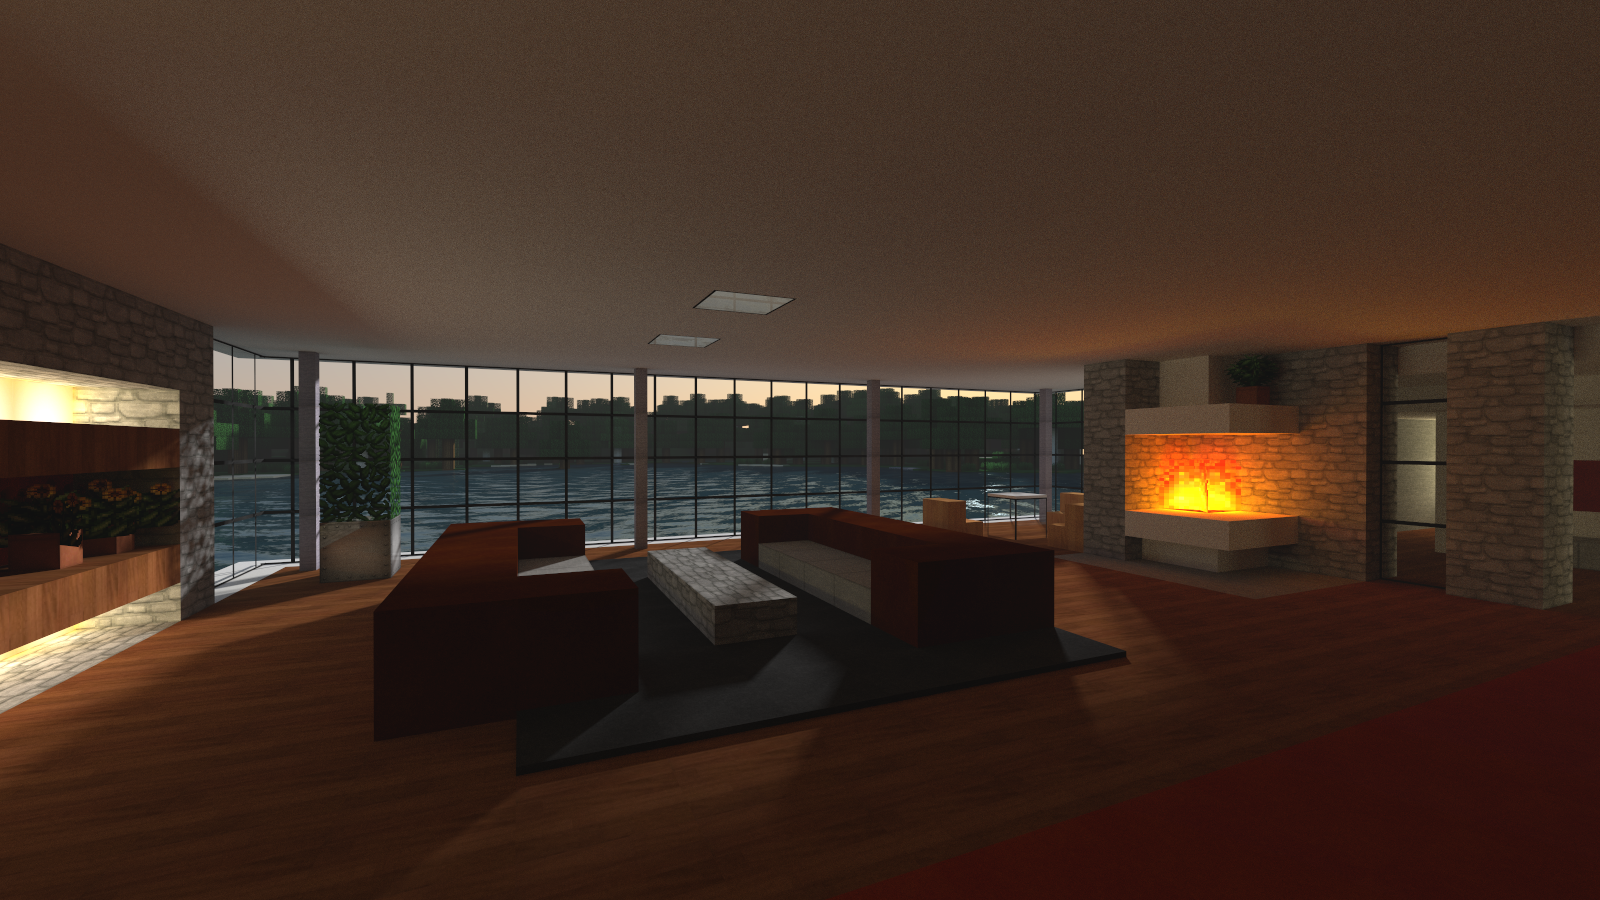 Home Design Reddit Part - 24: #Minecraft House Via Reddit User DiscyD3rp